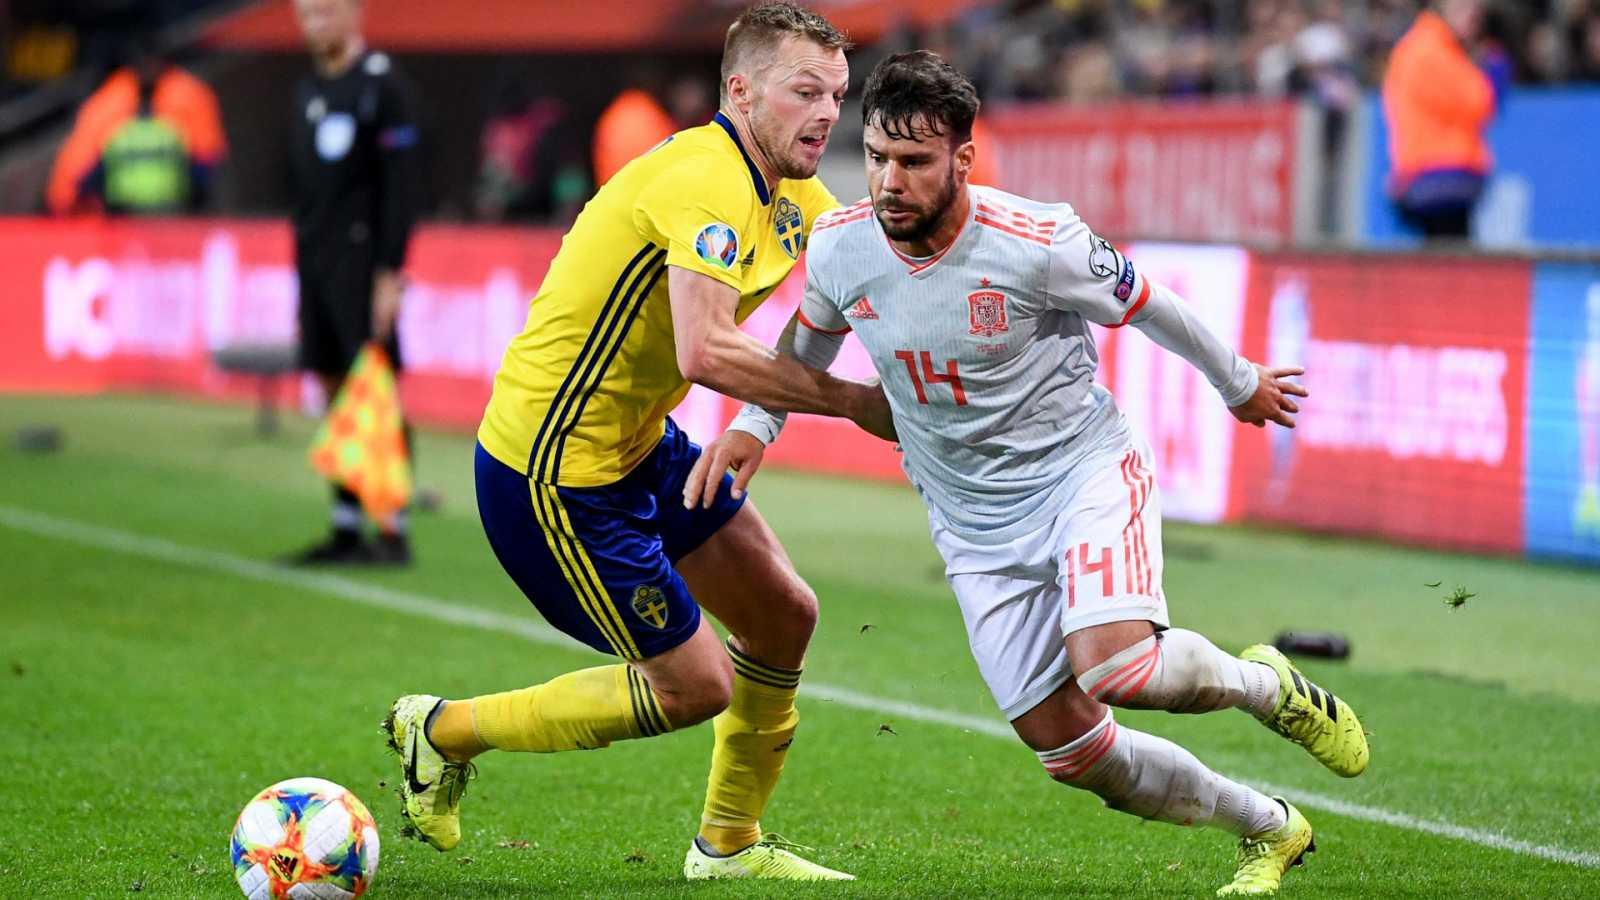 Fútbol - Selección absoluta clasificatorio EUROCOPA 2020: Suecia - España - ver ahora